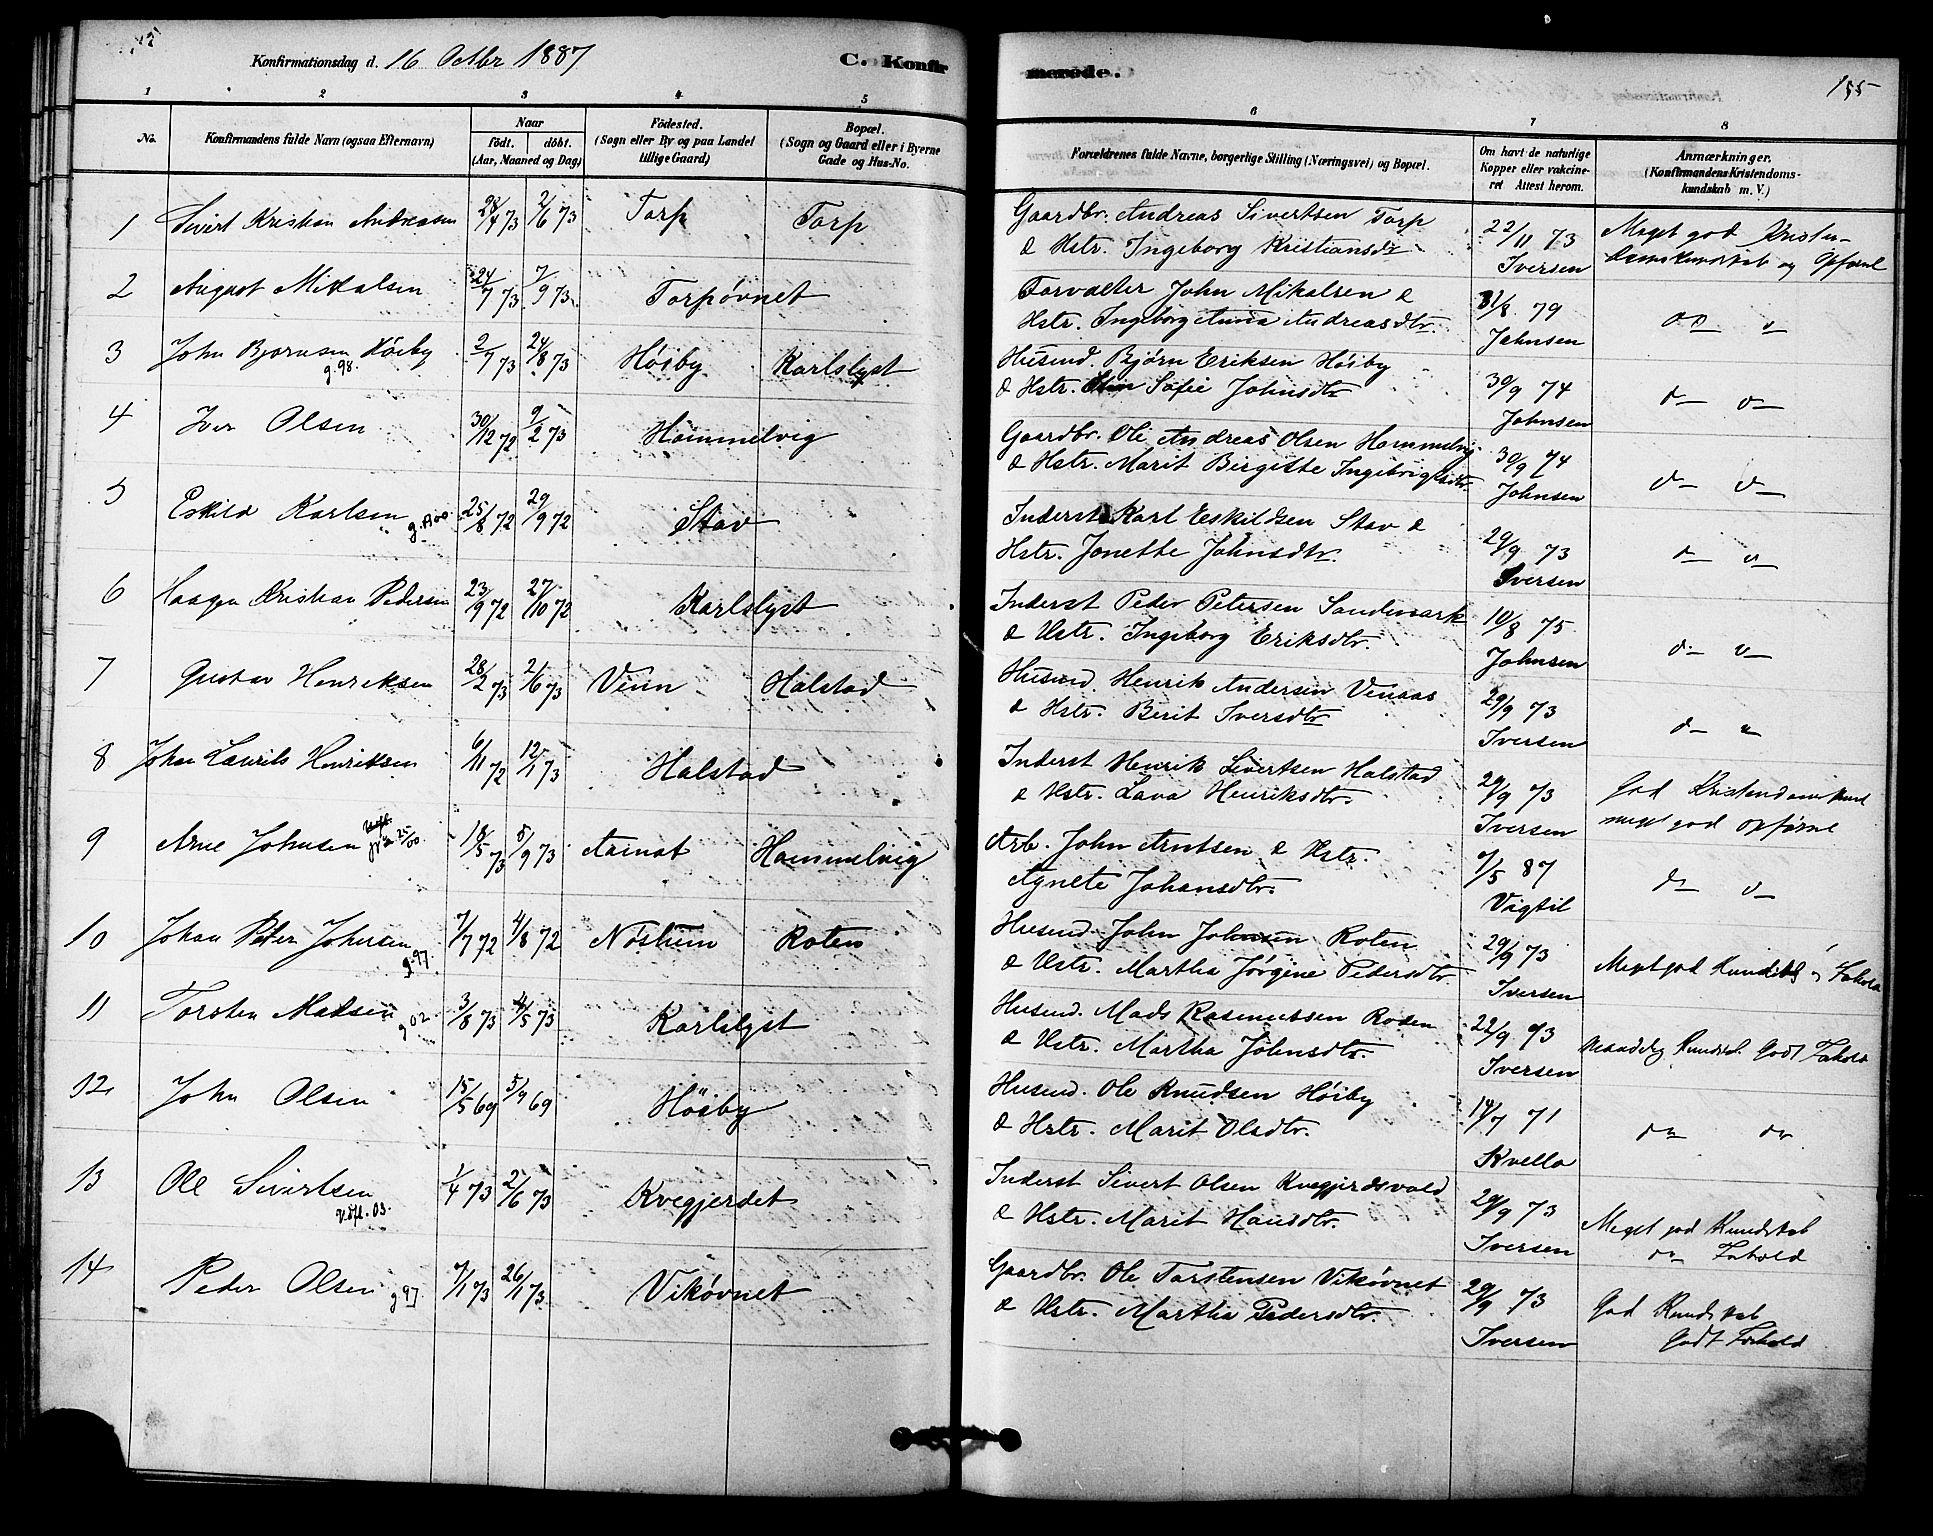 SAT, Ministerialprotokoller, klokkerbøker og fødselsregistre - Sør-Trøndelag, 616/L0410: Ministerialbok nr. 616A07, 1878-1893, s. 155